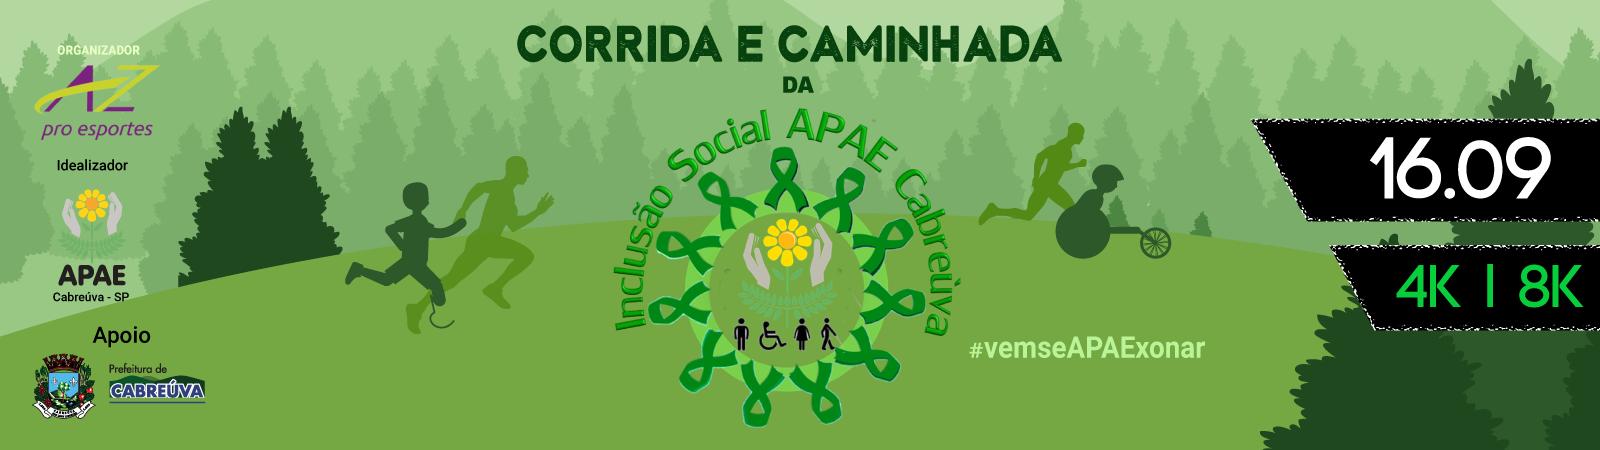 CORRIDA E CAMINHADA DA INCLUSÃO SOCIAL APAE CABREÚVA - Imagem de topo